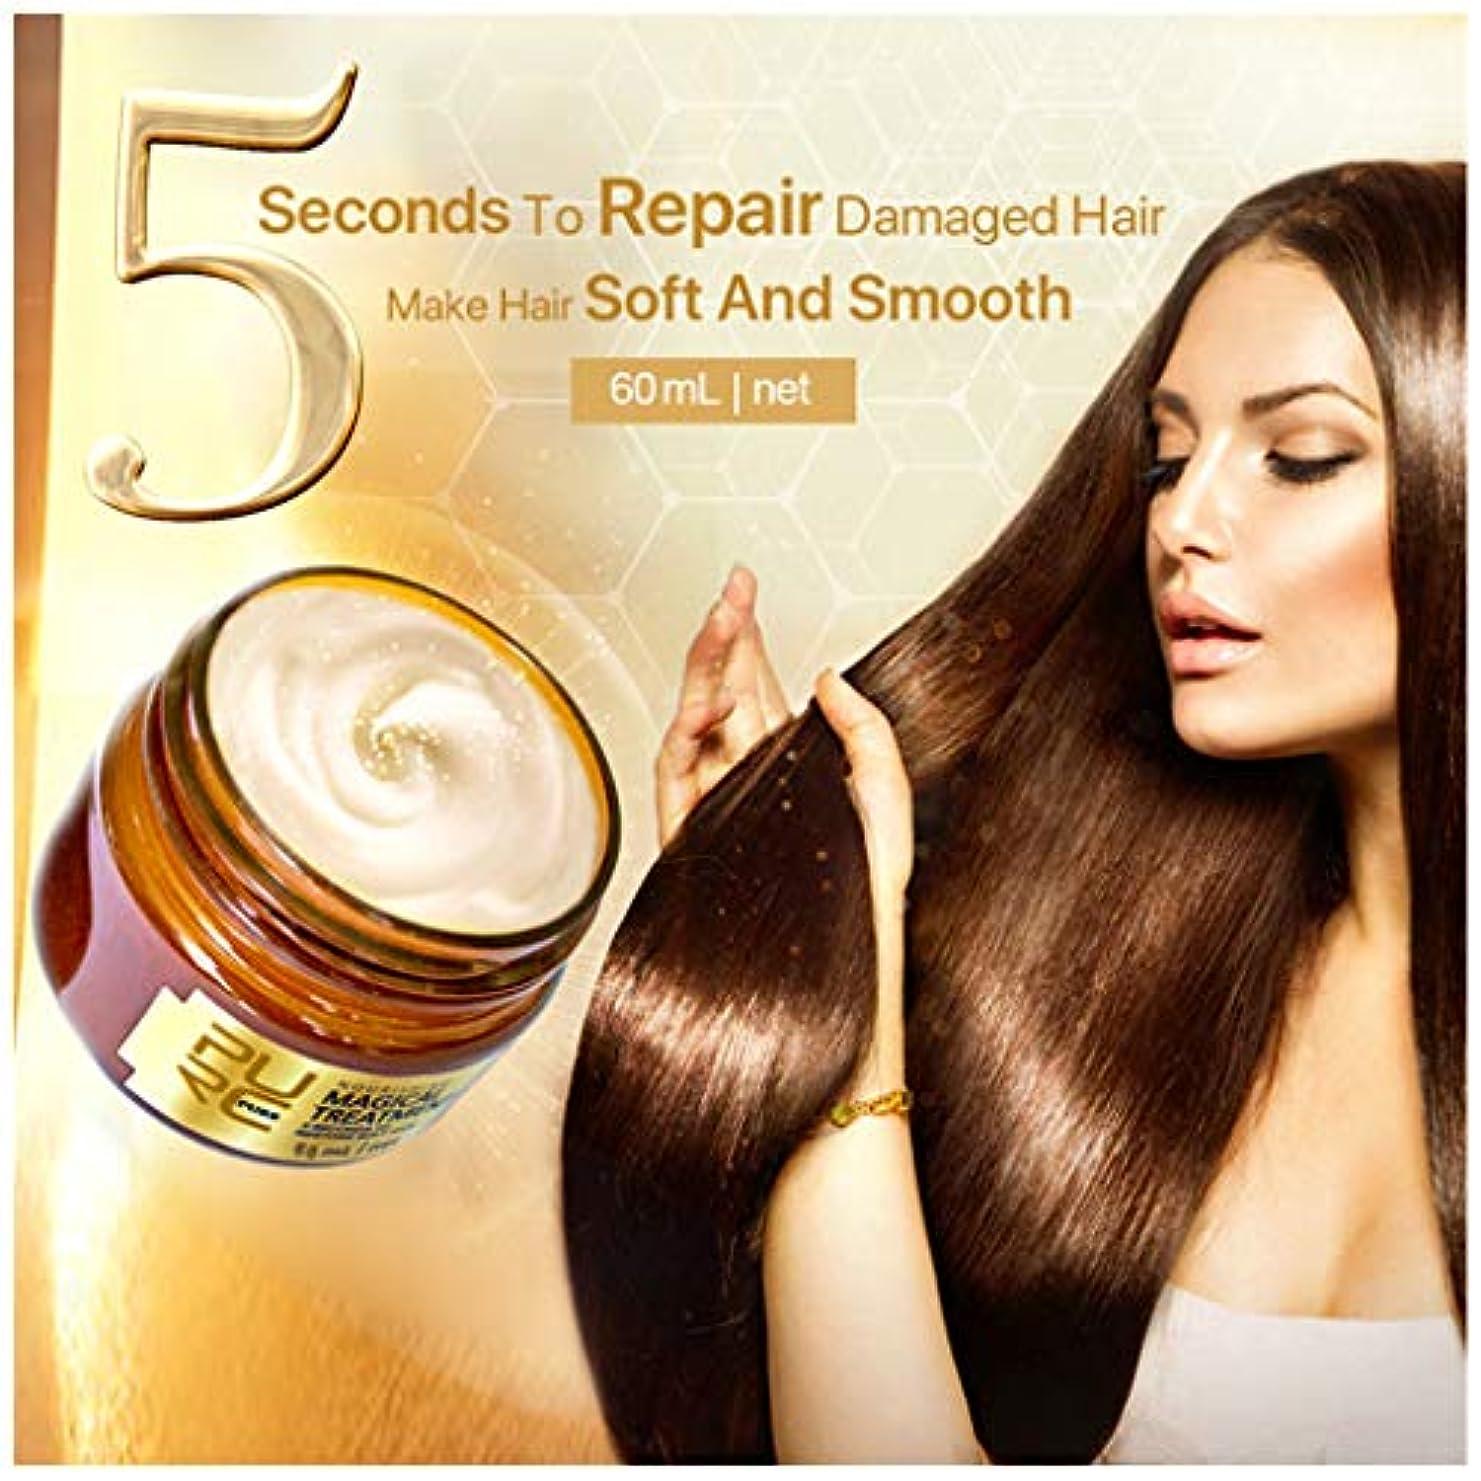 ただやる換気サーキュレーションヘアマスクDLtime傷んだ髪を修復するディープリペア軟膏マジックヘアマスクすべてのヘアスタイルを修正ケラチン修復髪コンディショナー柔らかい髪ヘアマスクの修理けがのケア保湿髪シャンプー髪を滑らかにしますスムージングヘアドライラナンキュラス...